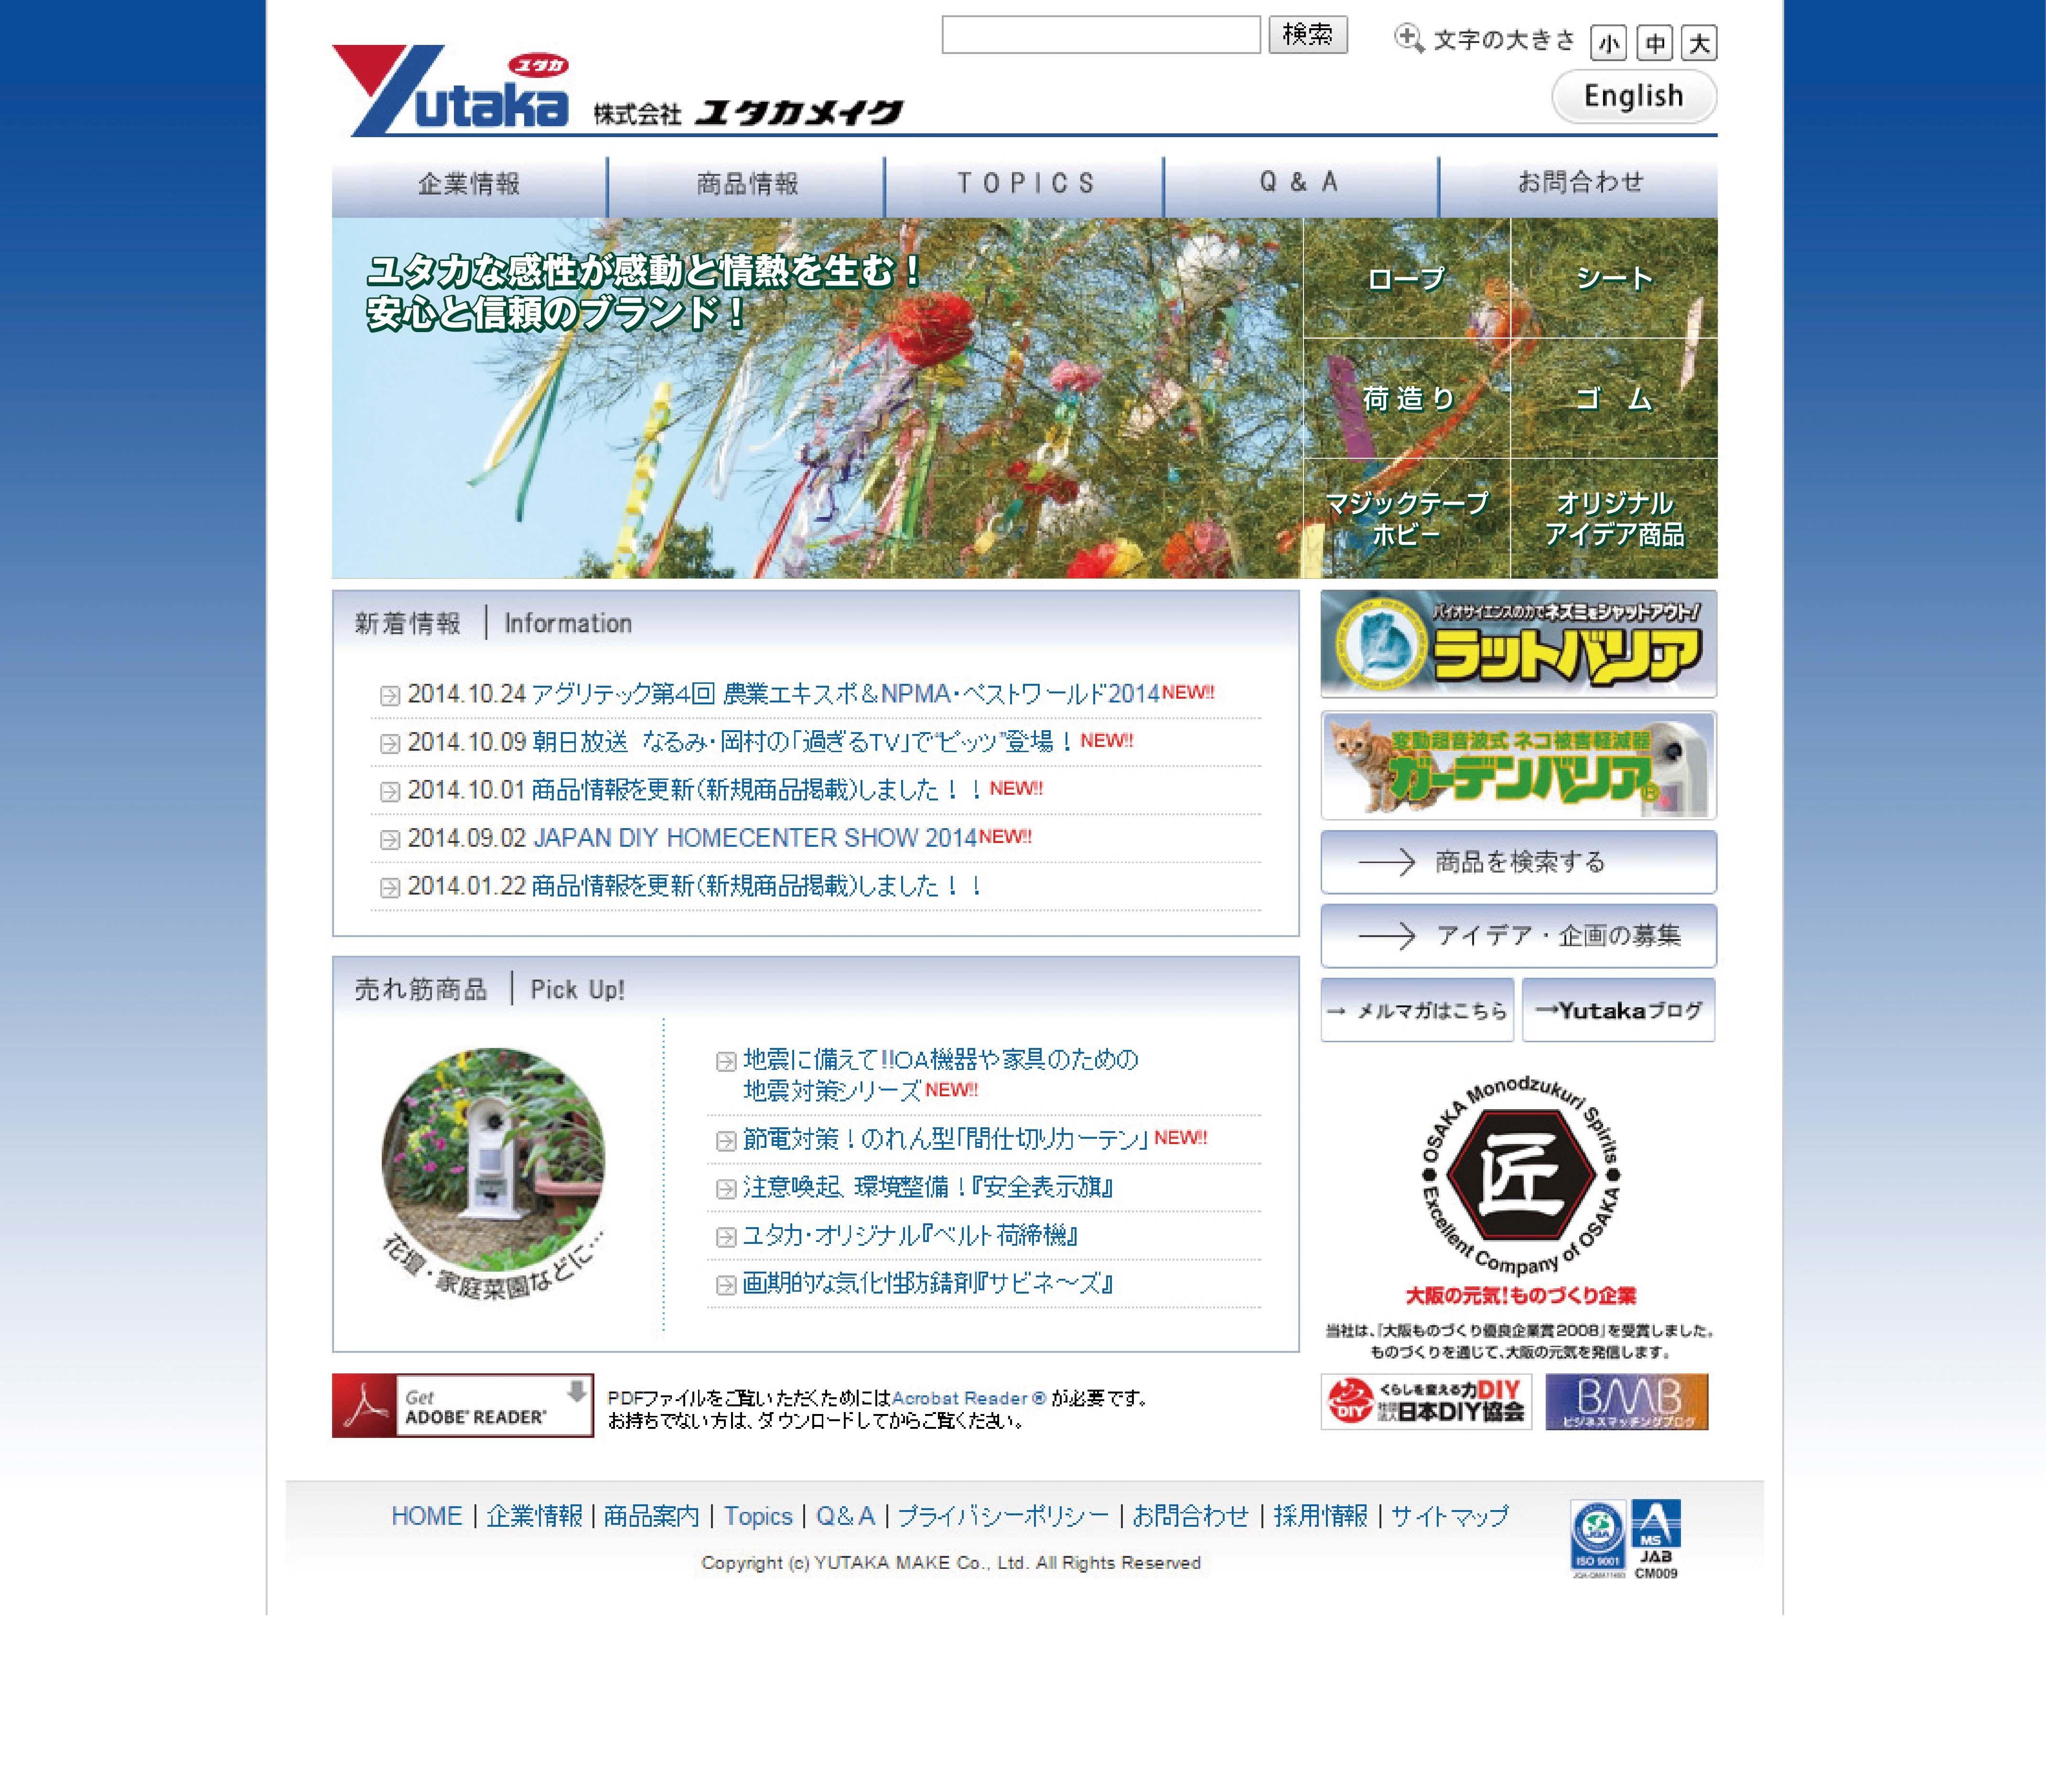 yutakamake0724_01.jpg